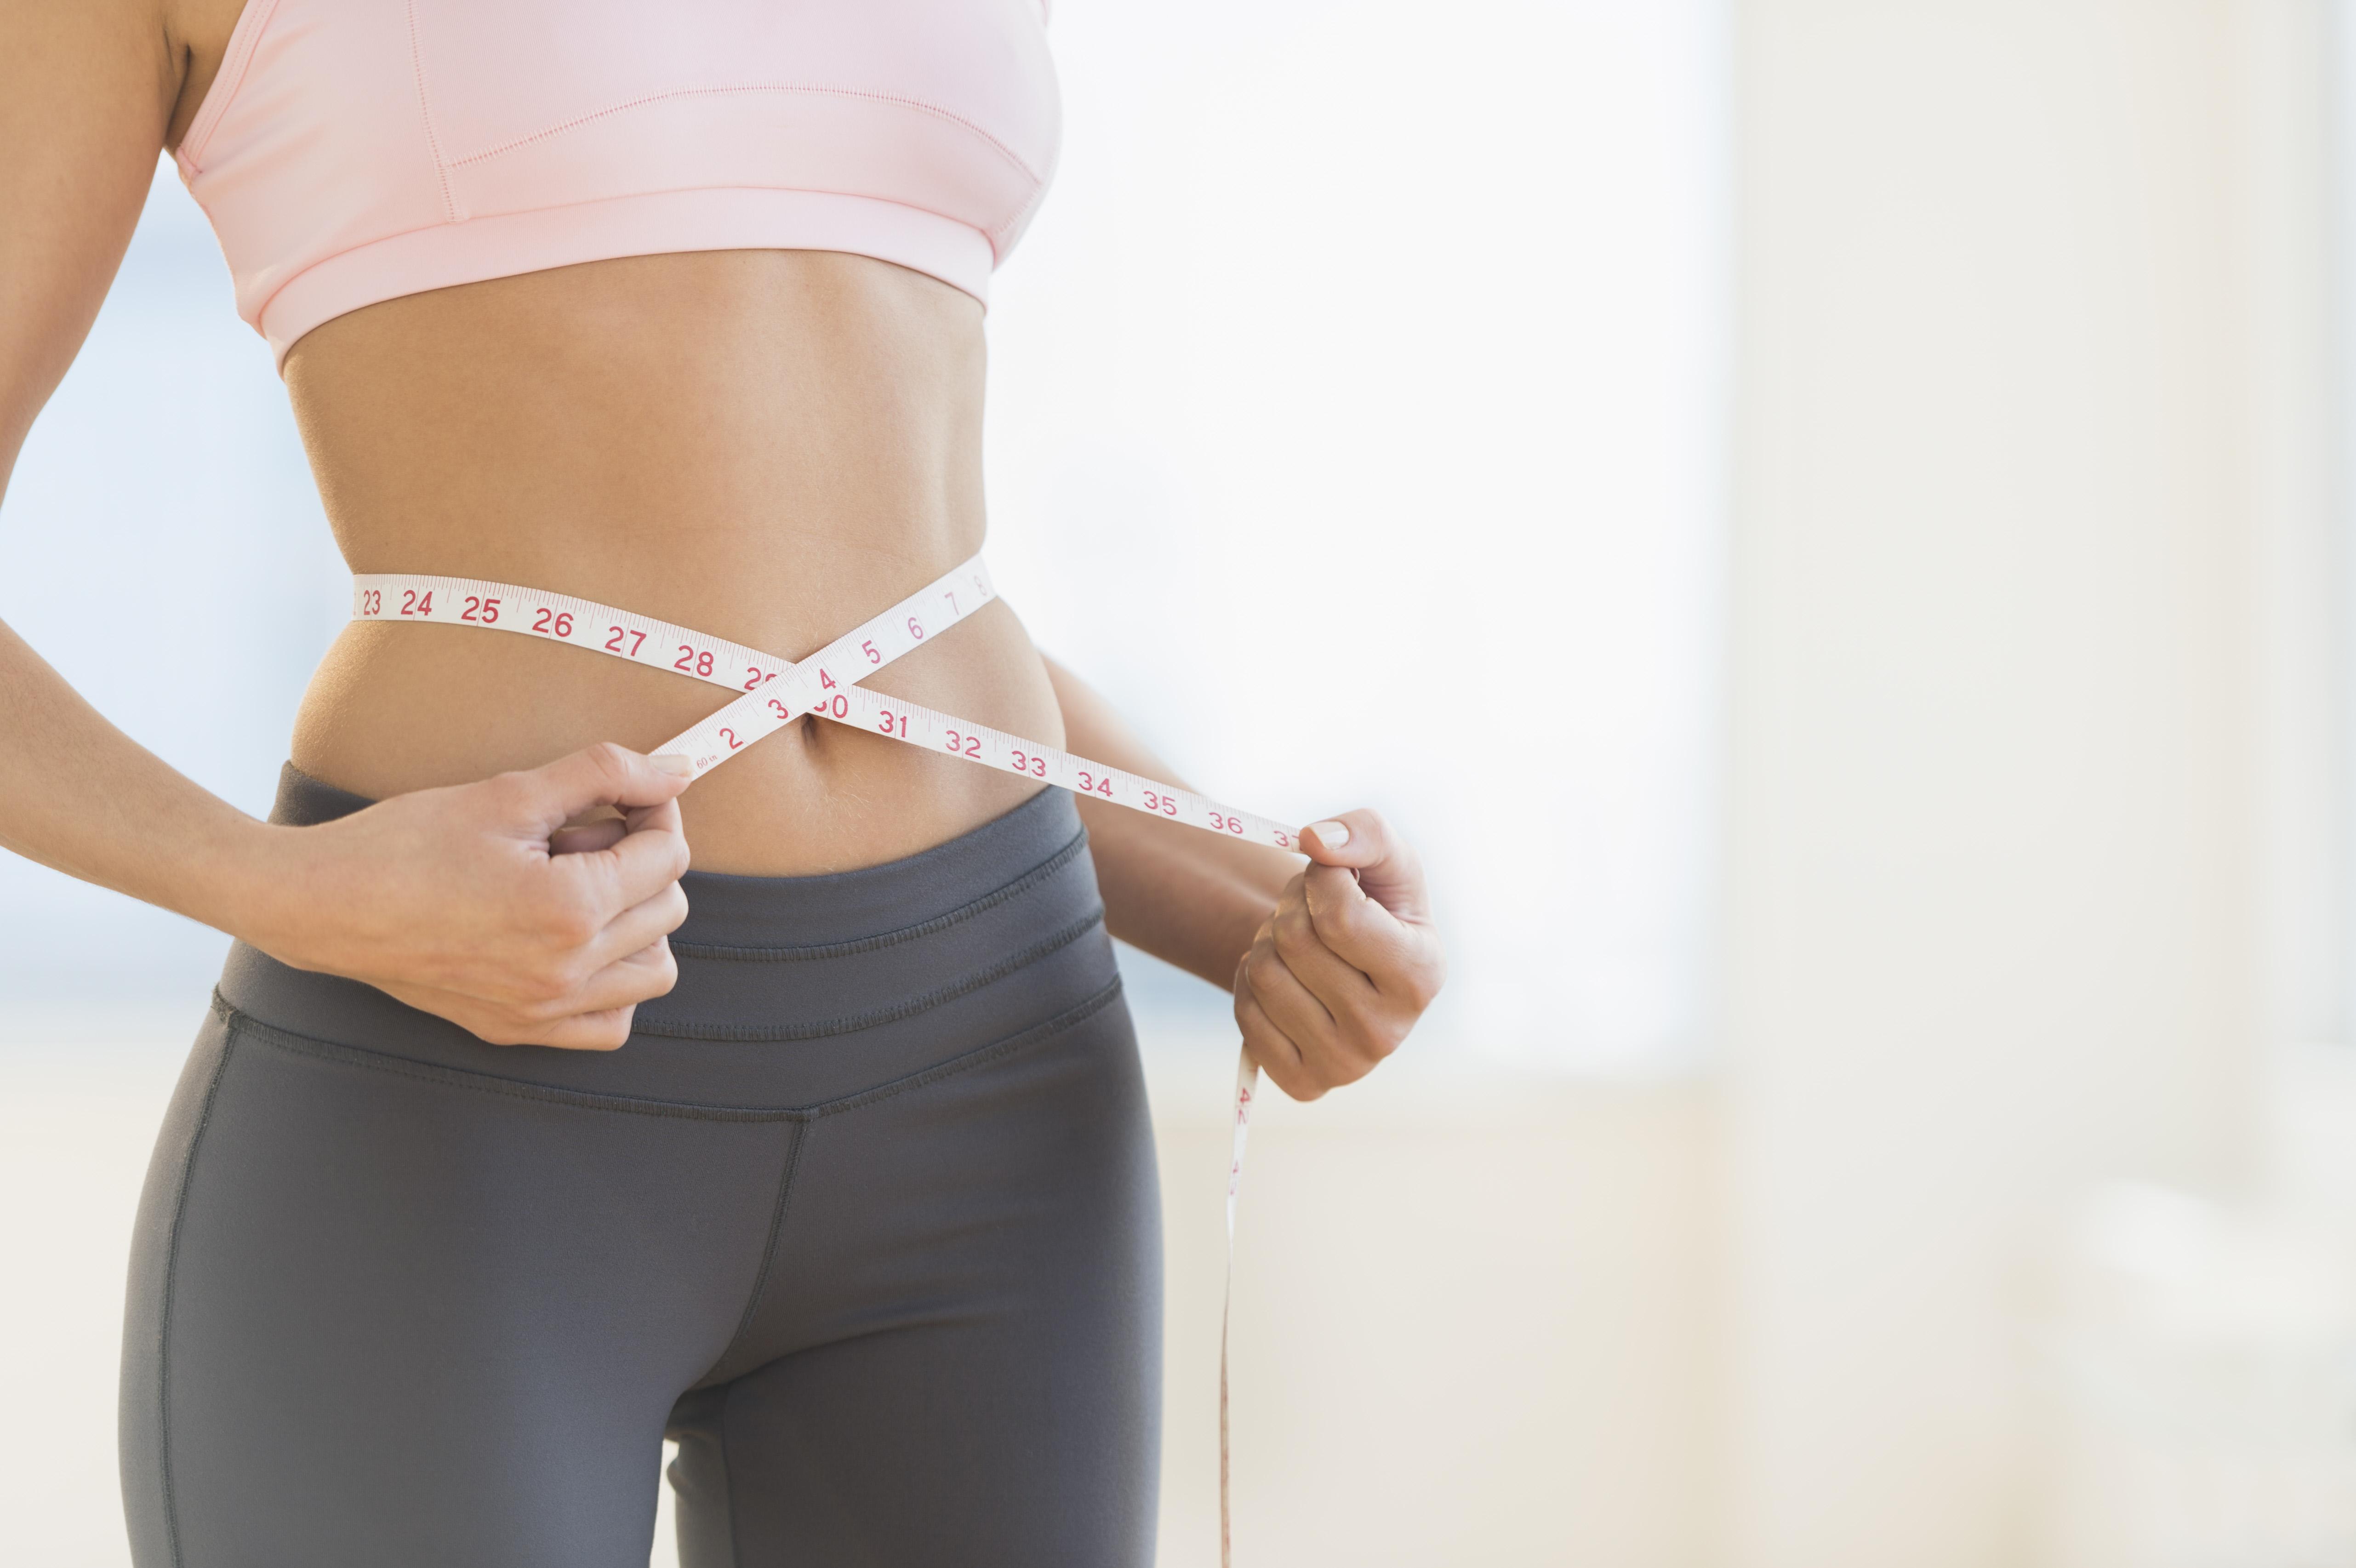 有效減肥不復胖,最有效的減肥方法是?